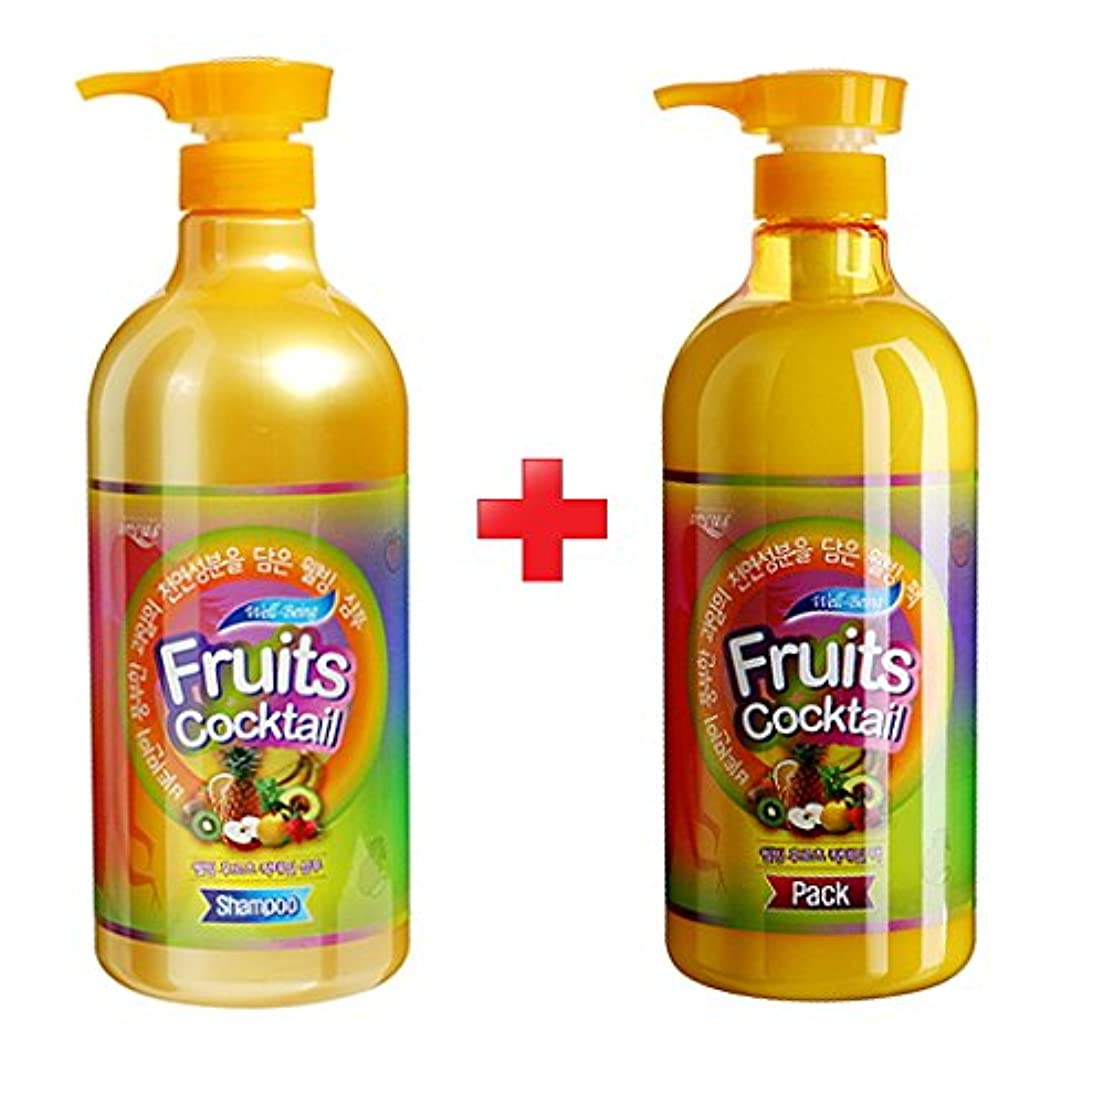 遠征ロック解除相手[Somang/希望] Incus Fruits Cocktail Shampoo 980ml+ Pack 980 ml/希望のキュスフルーツカクテルシャンプー+パック(海外直送品)